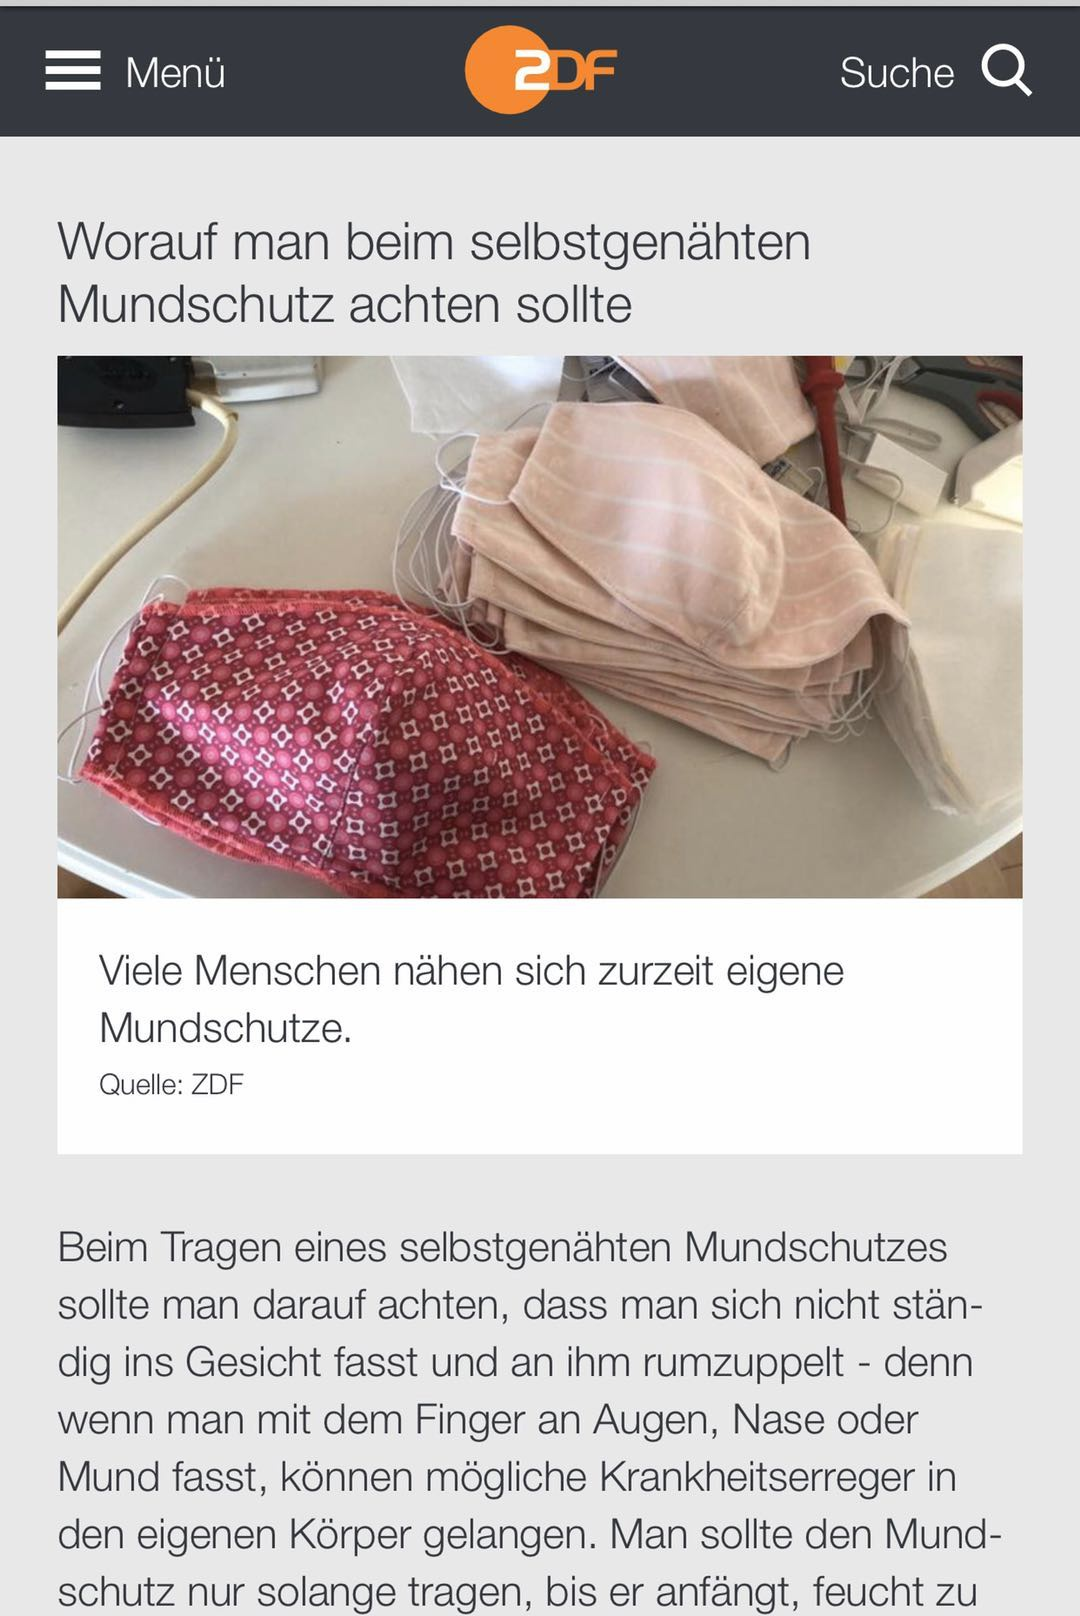 △德国电视二台对很多民众自己动手缝口罩进行报道